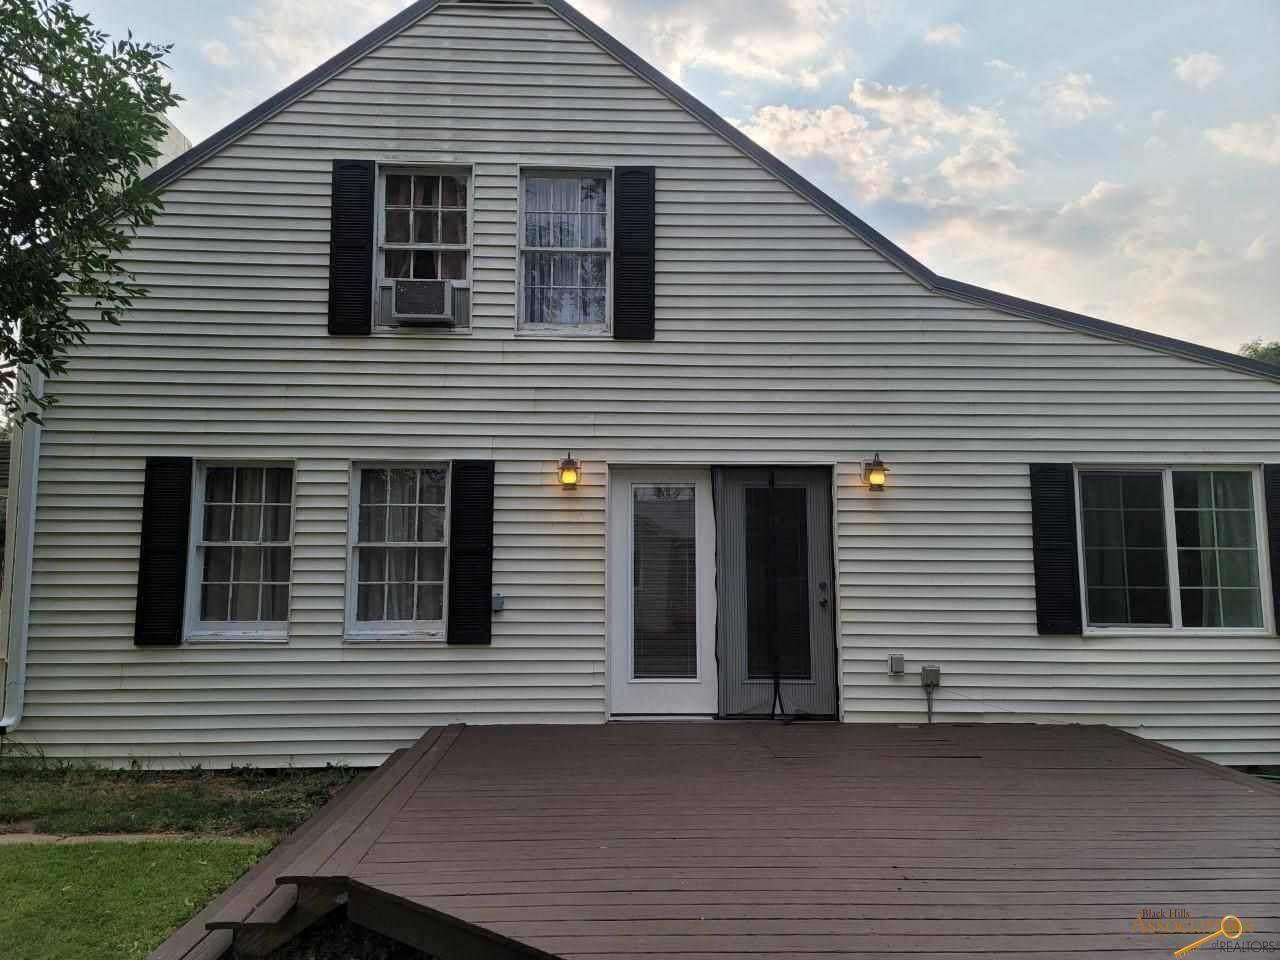 1710 Albany Ave - Photo 1